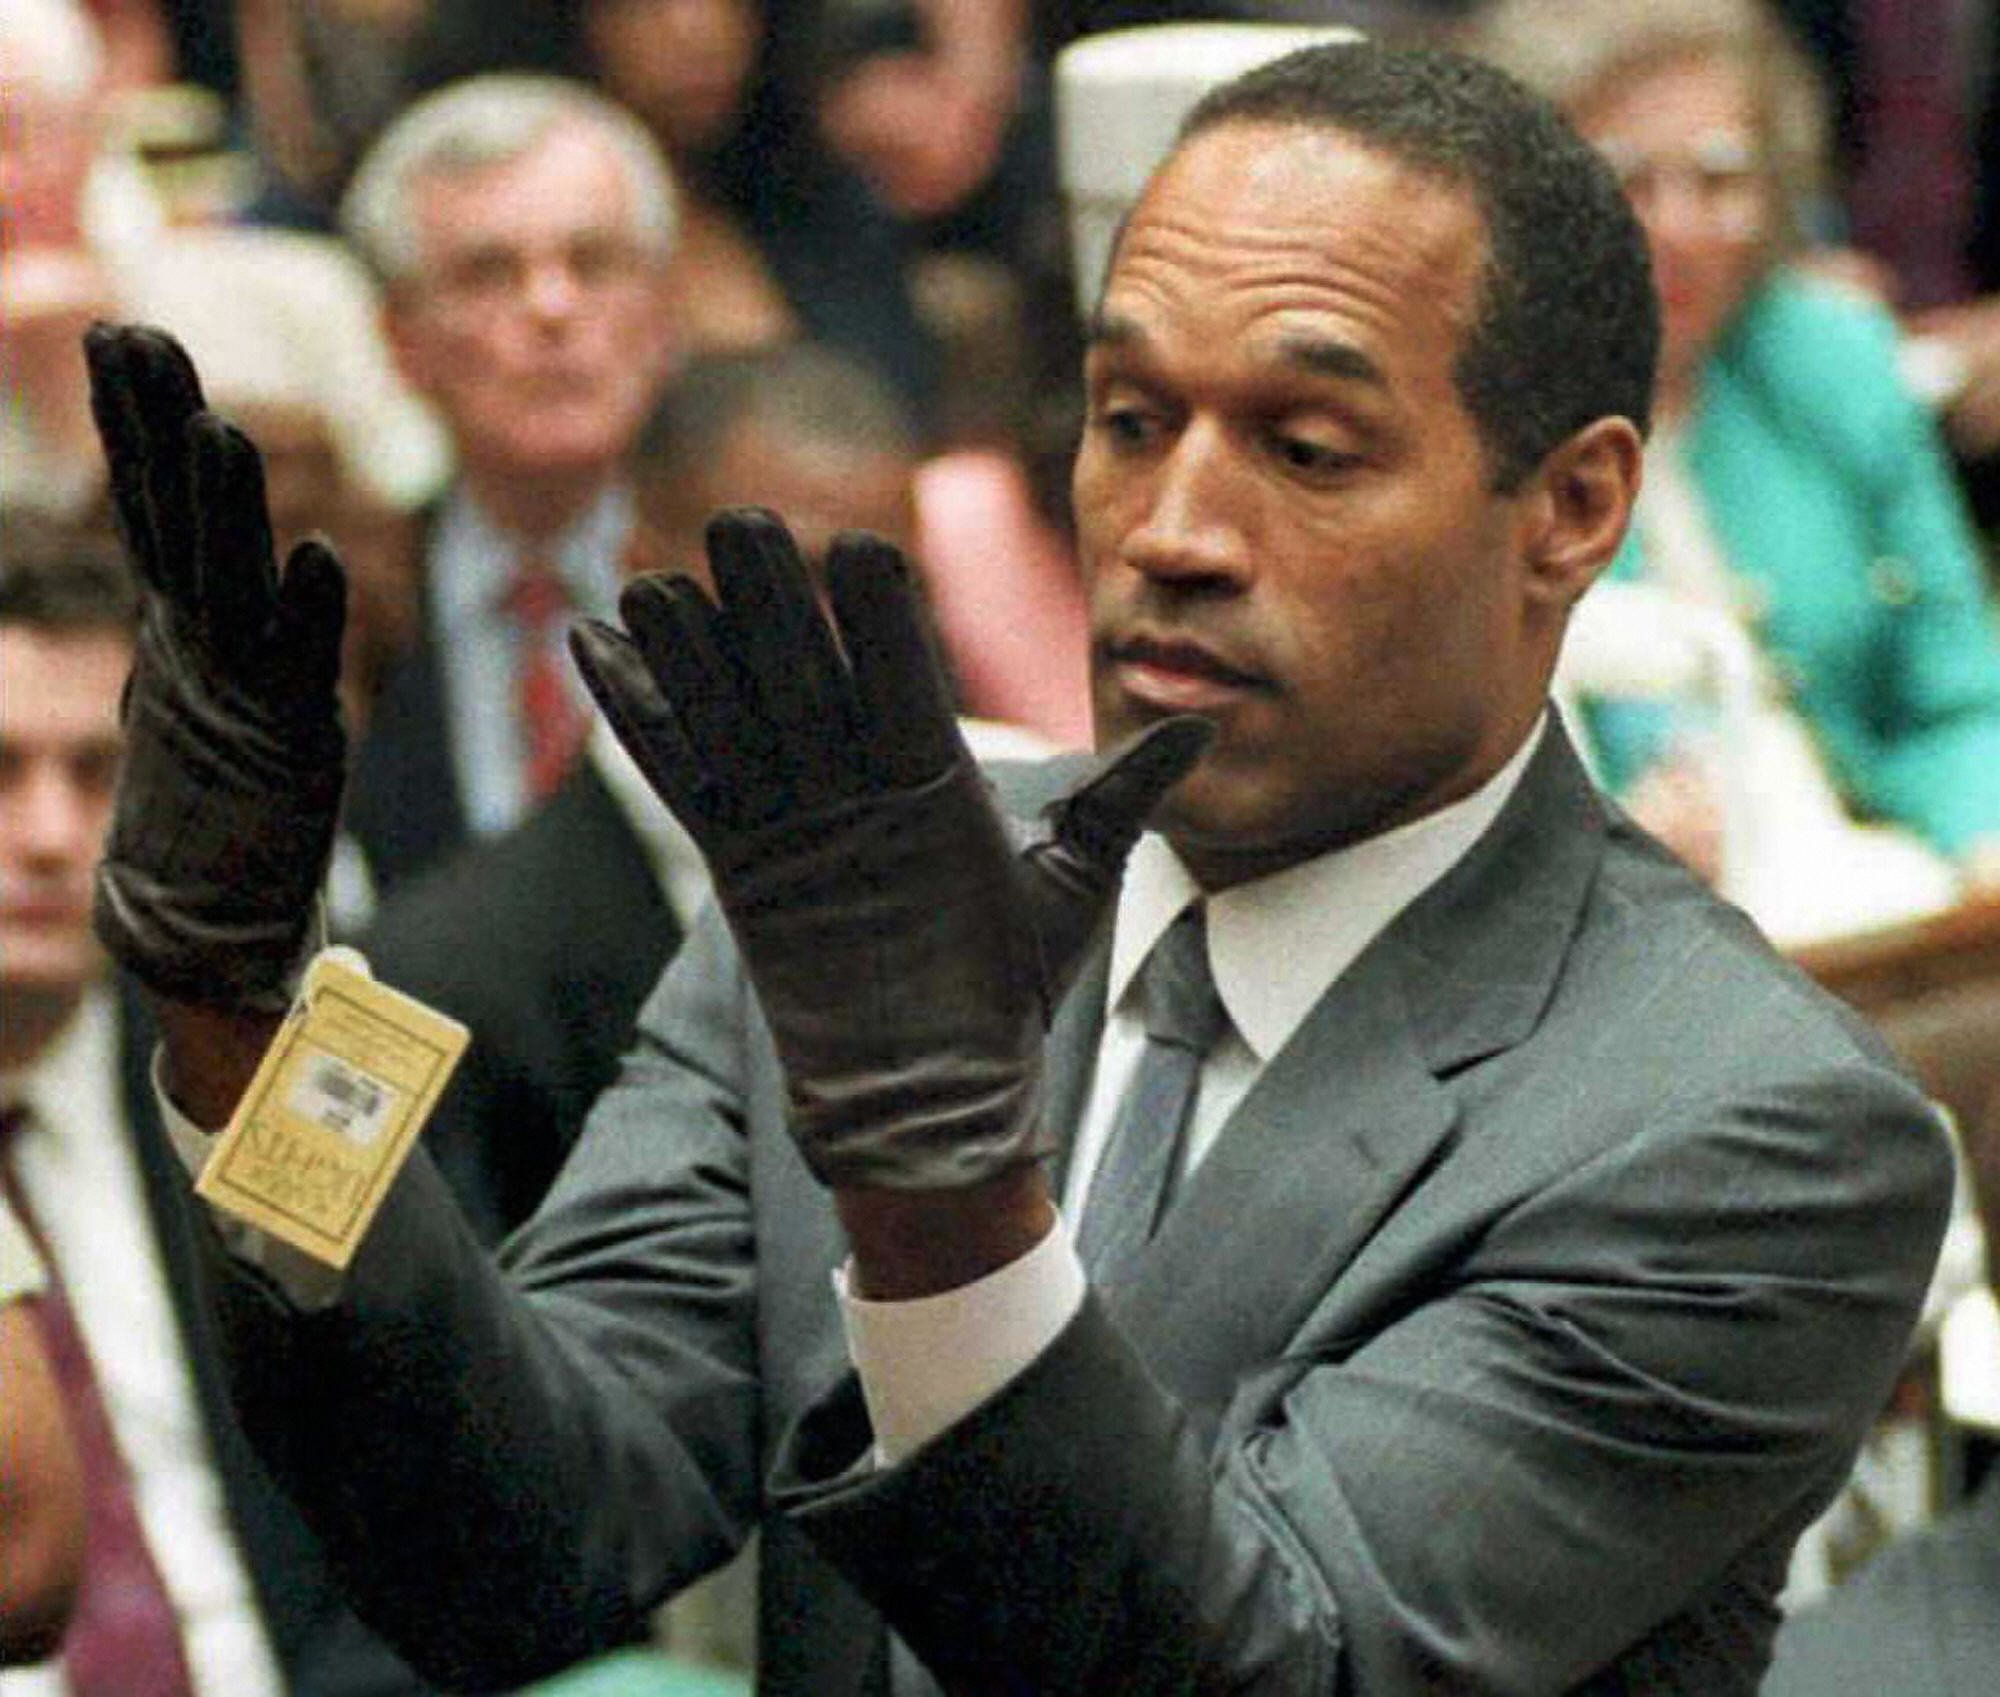 O.J. Simpson olhando para um par novo de luvas Aris extragrandes que os promotores lhe mandaram vestir...